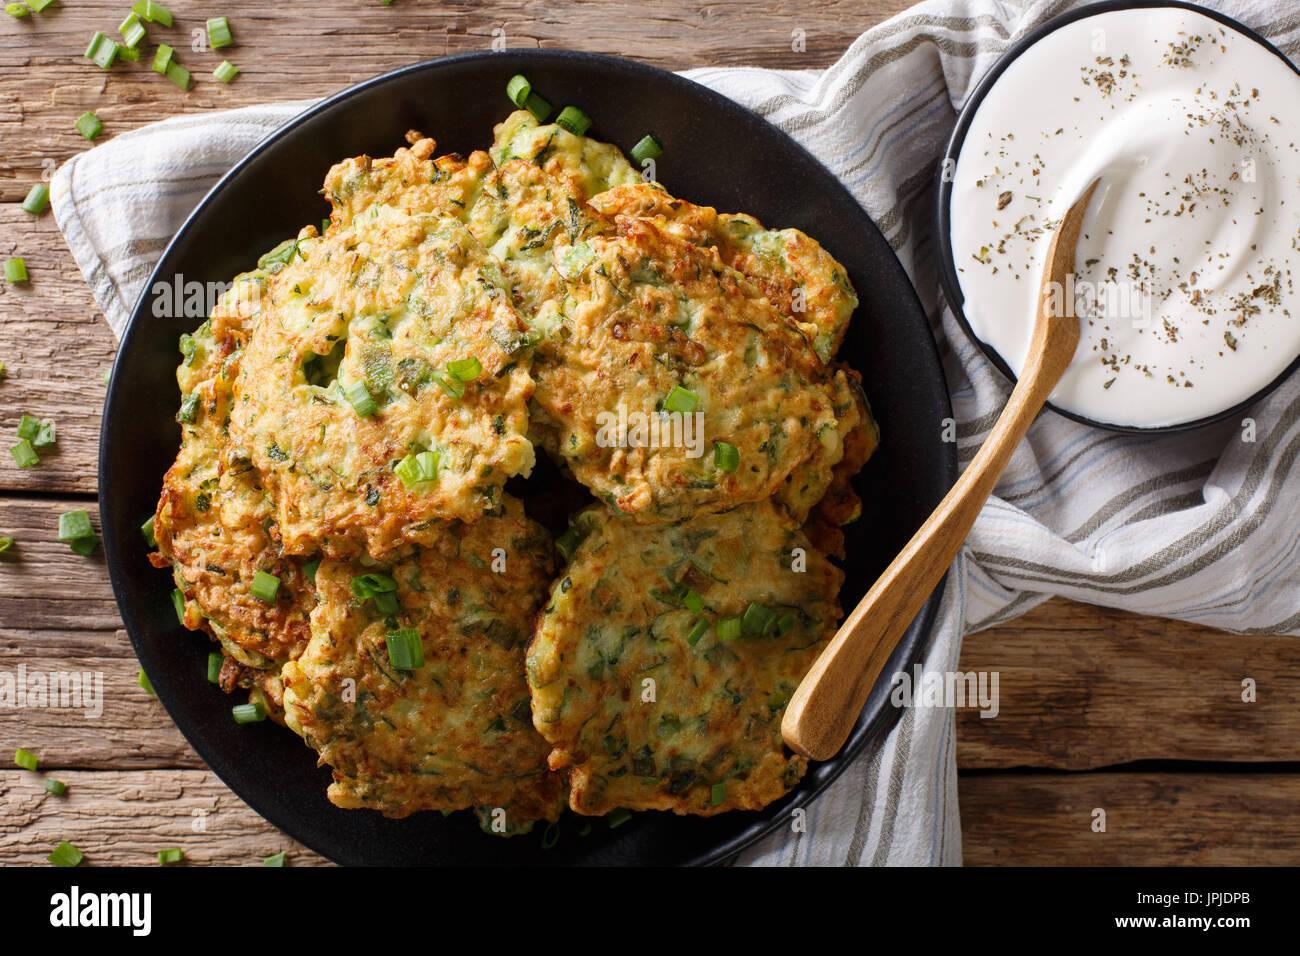 Appena cotte le zucchine frittelle con panna acida vicino sul tavolo. Vista orizzontale dal di sopra Immagini Stock